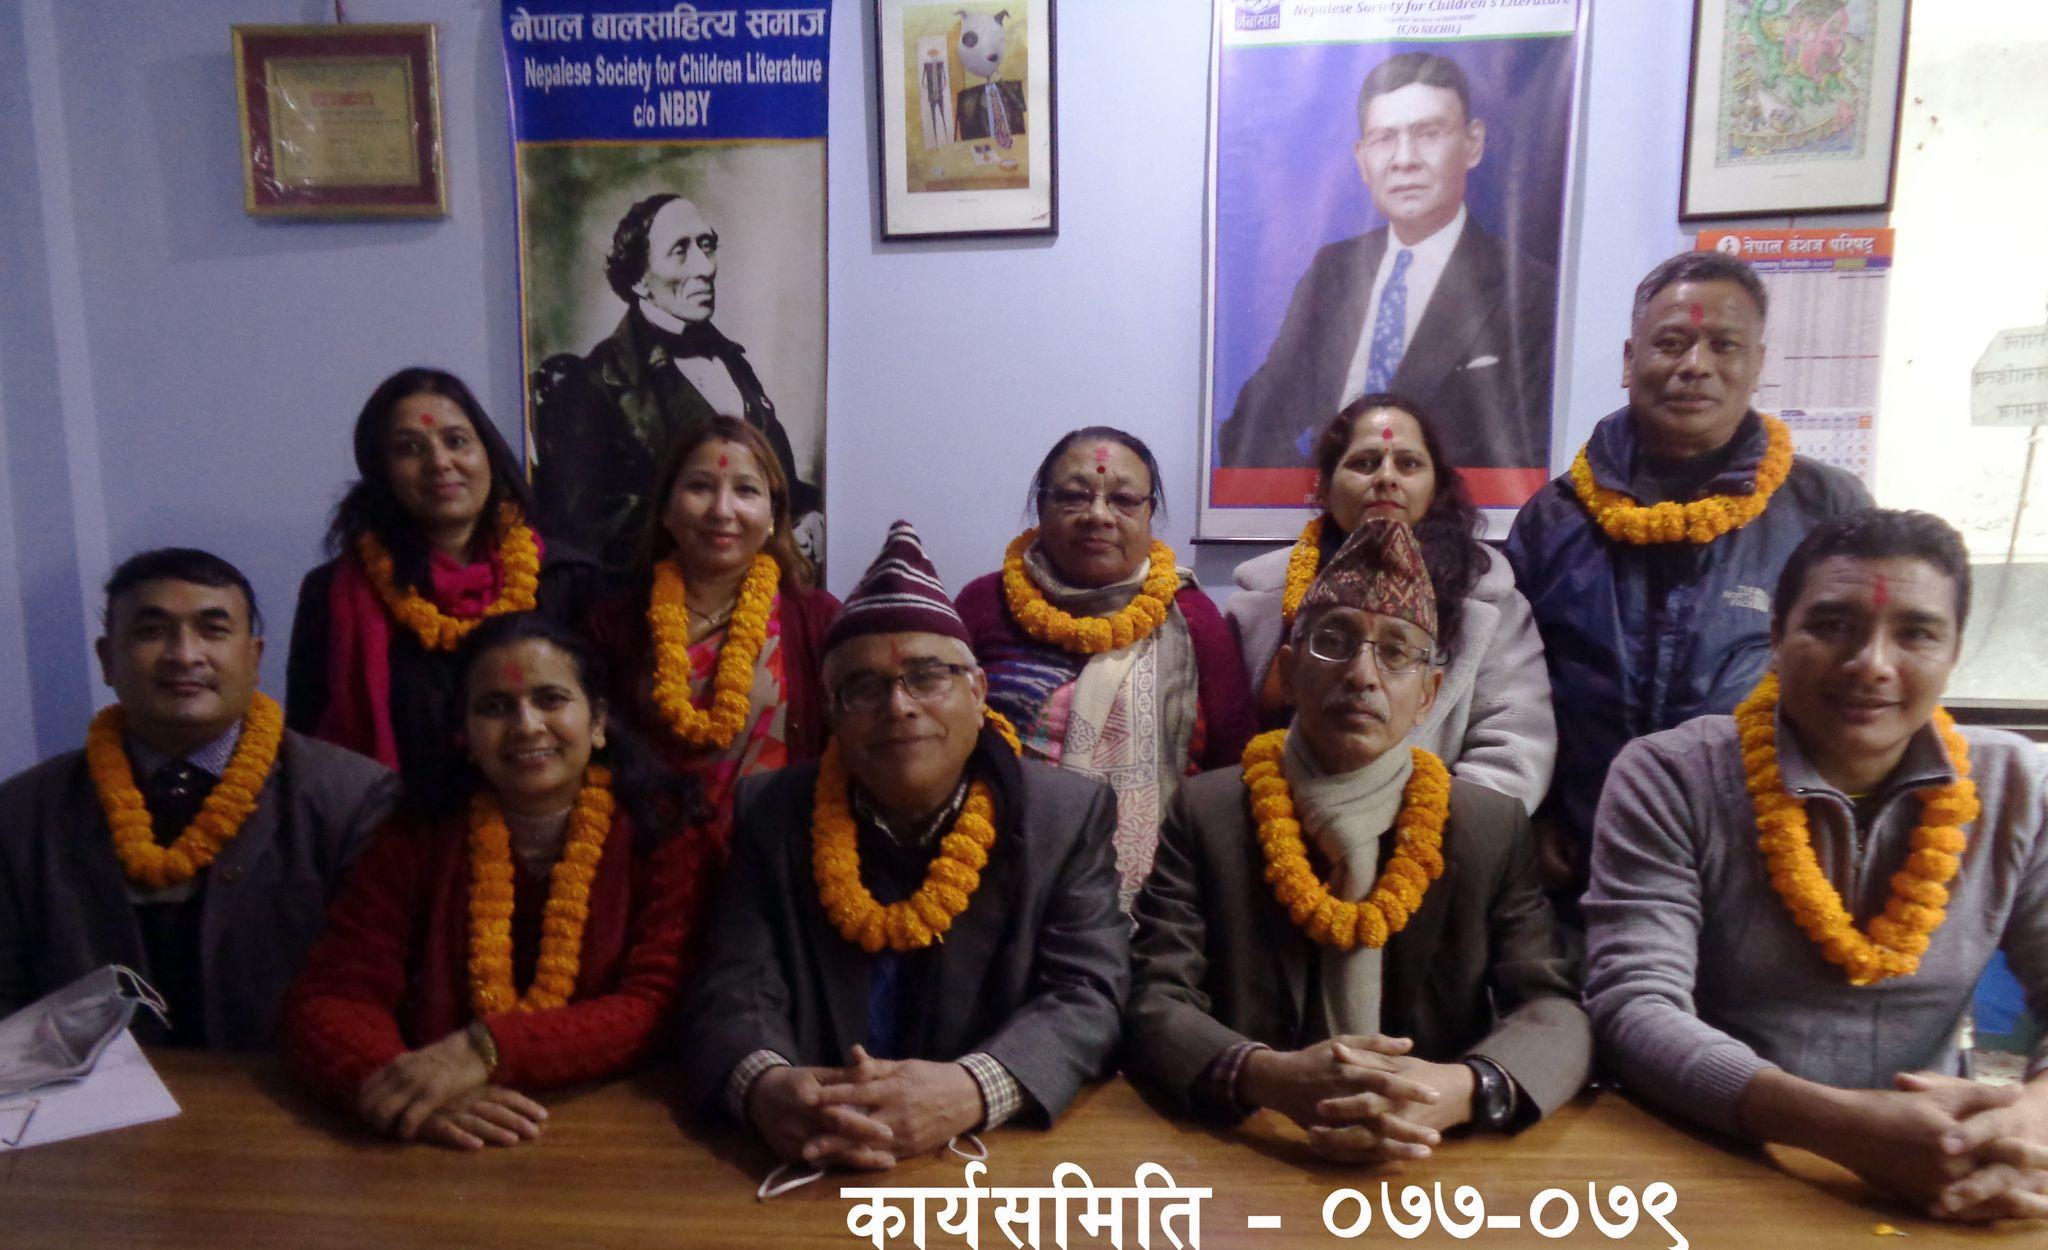 नेपाल बालसाहित्य समाजको नयाँ कार्यसमिति हस्तान्तरण